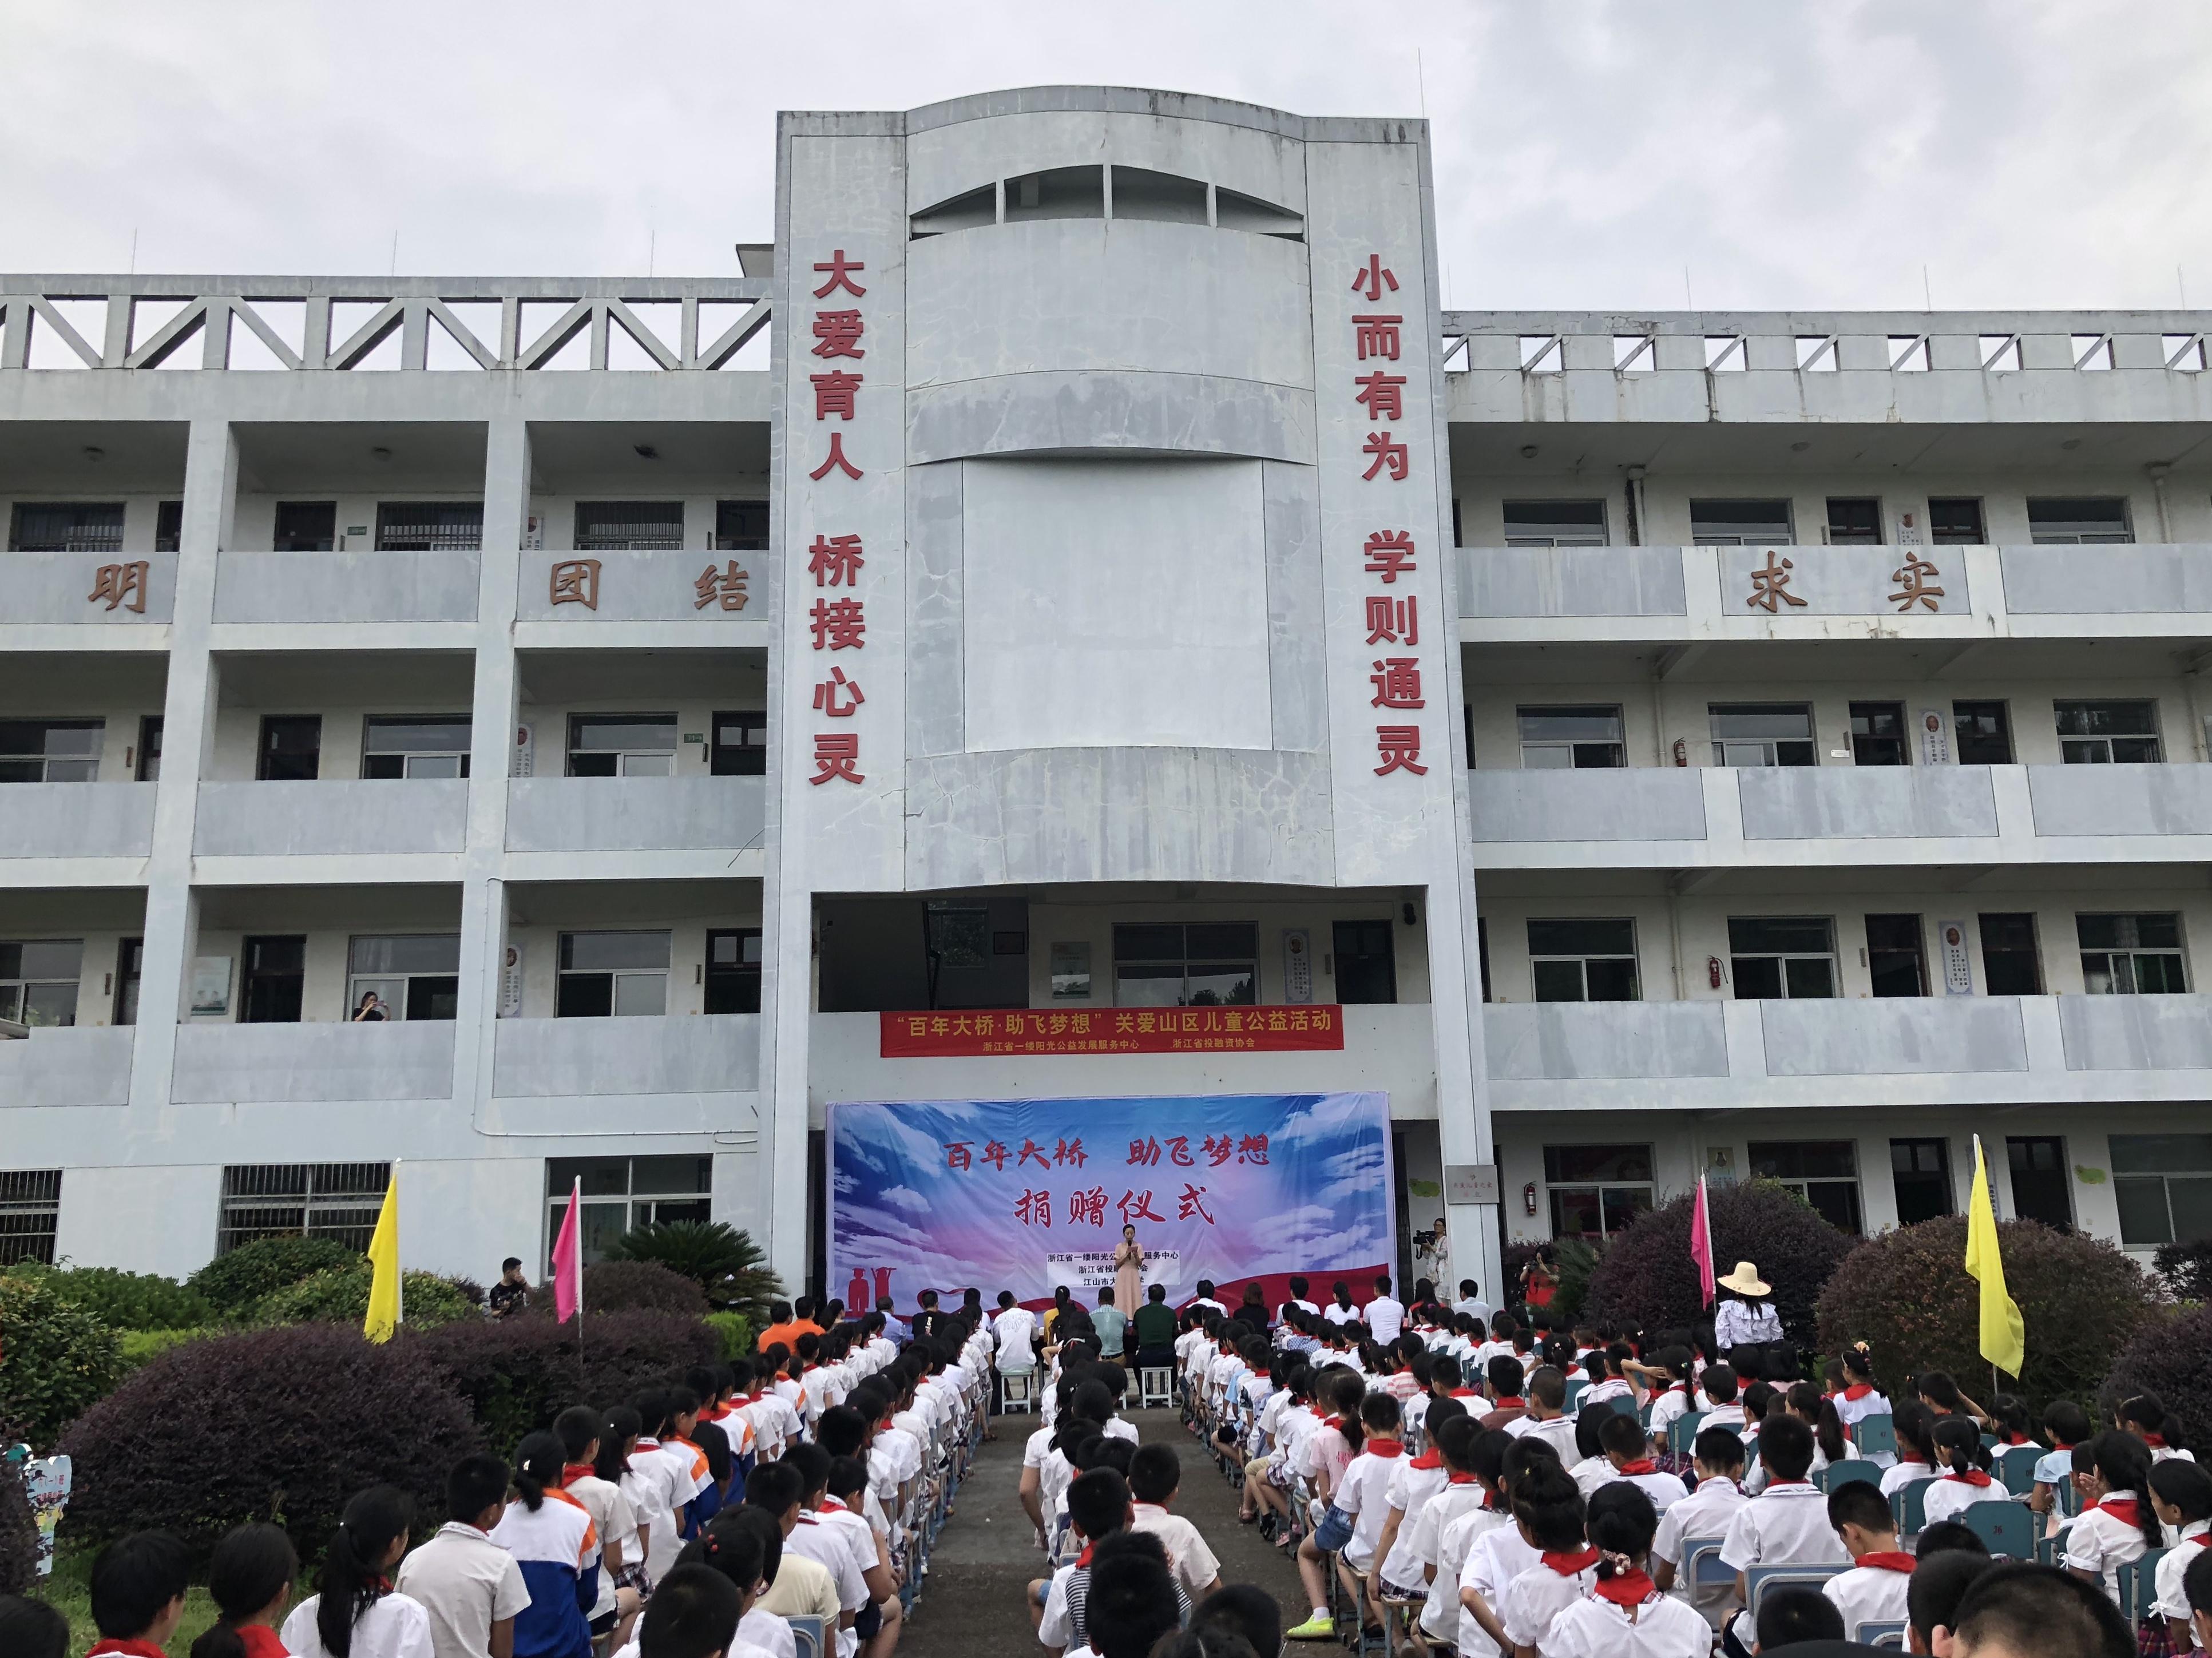 【圣贤财富】山区儿童关爱活动·百年大桥,助飞梦想